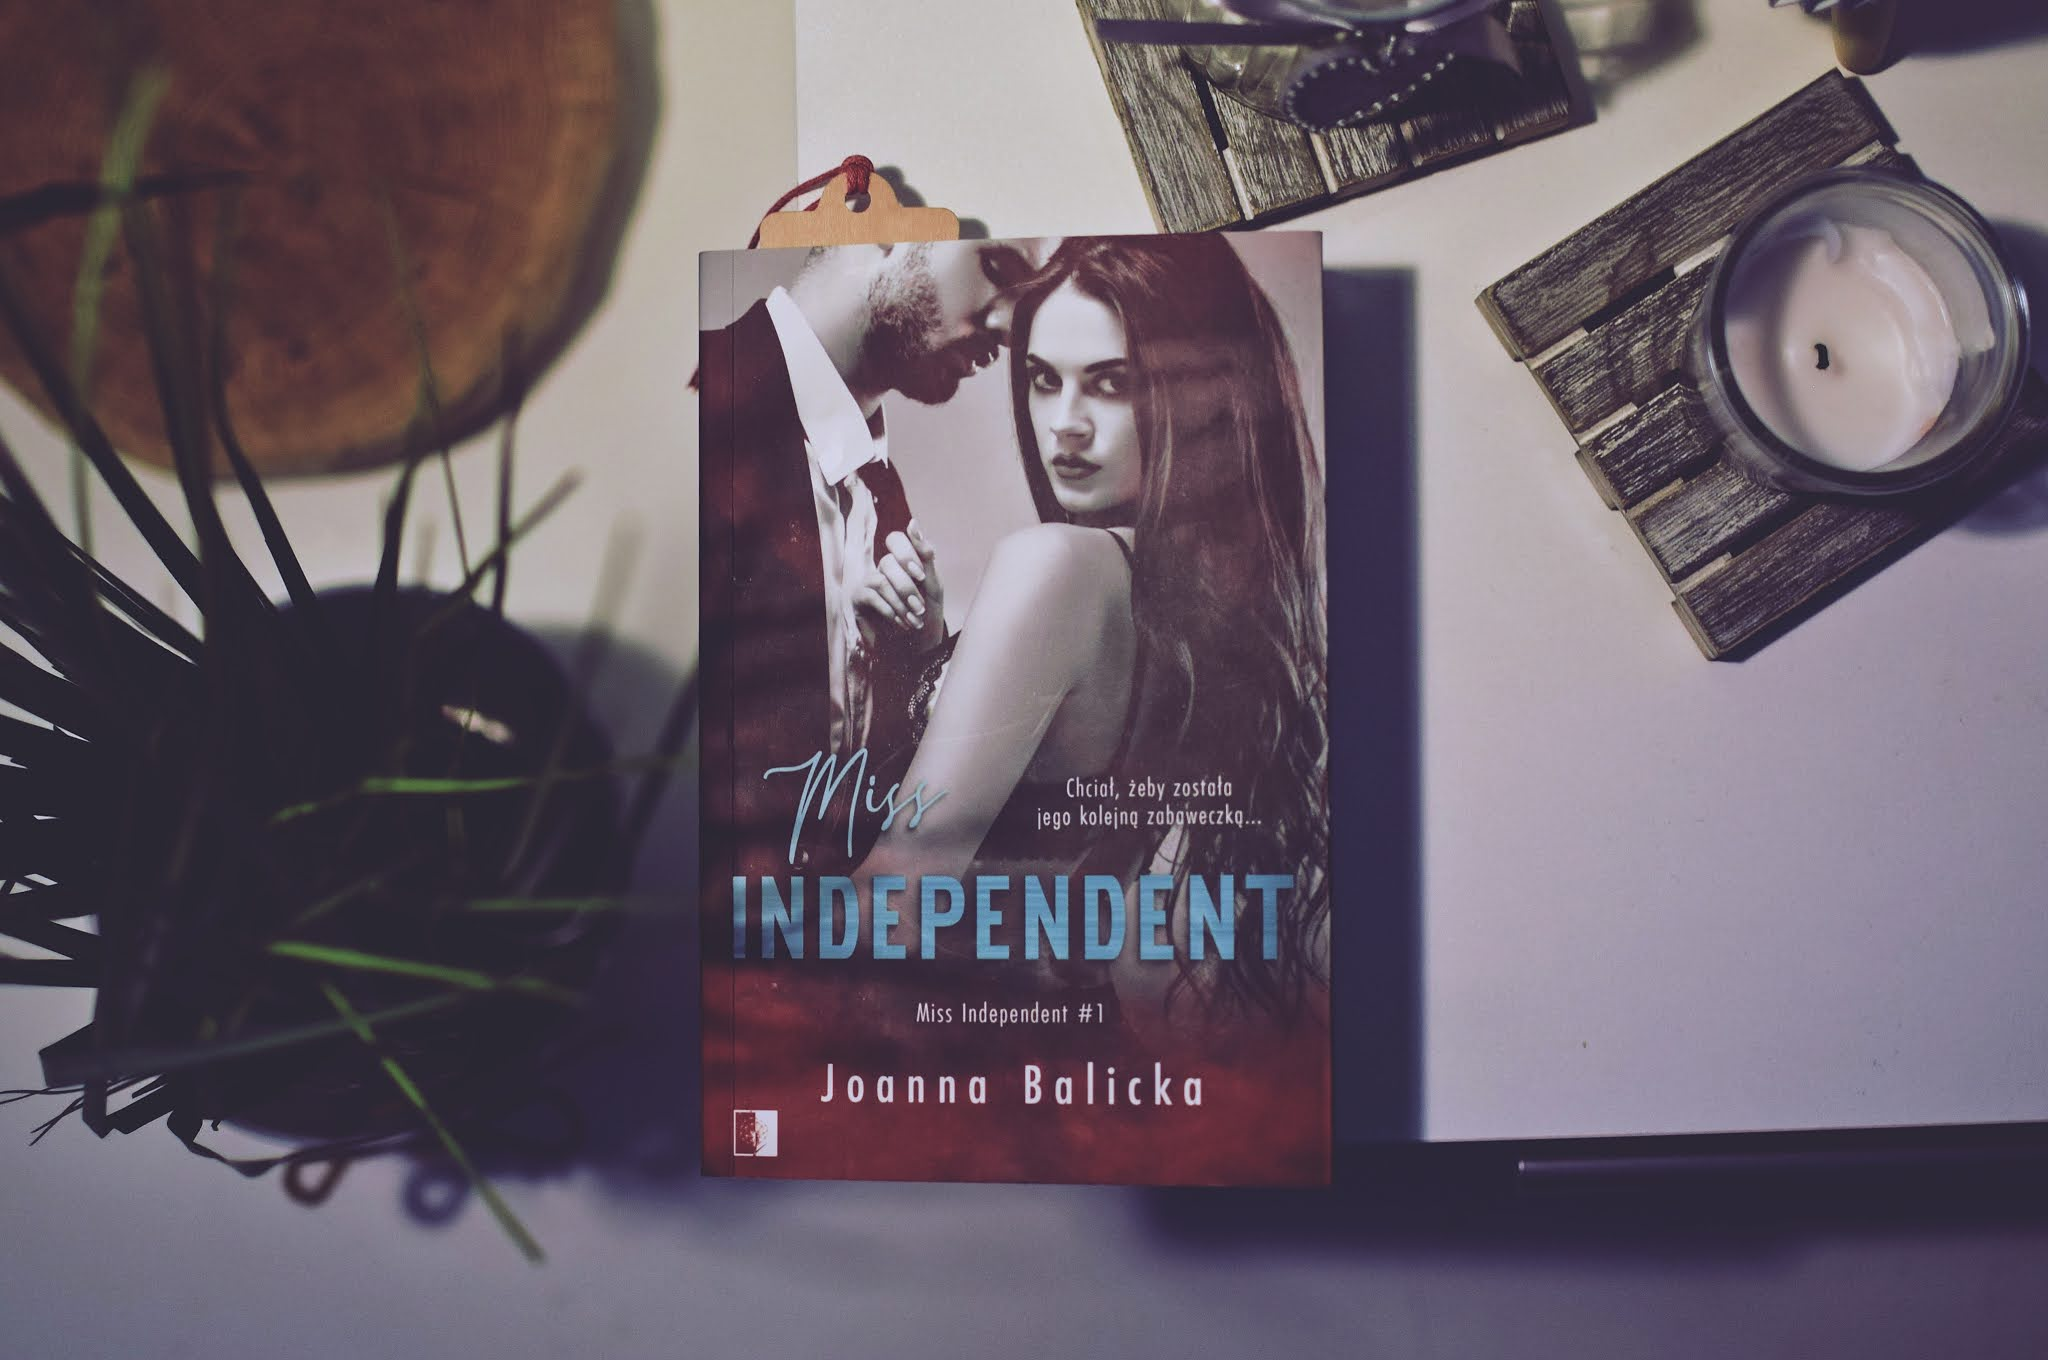 JoannaBalicka,MissIndependent, romansbiurowy, romans, erotyk,WydawnictwoNiezwykłe,debiut,opowiadanie,recenzja,SophieandBryson